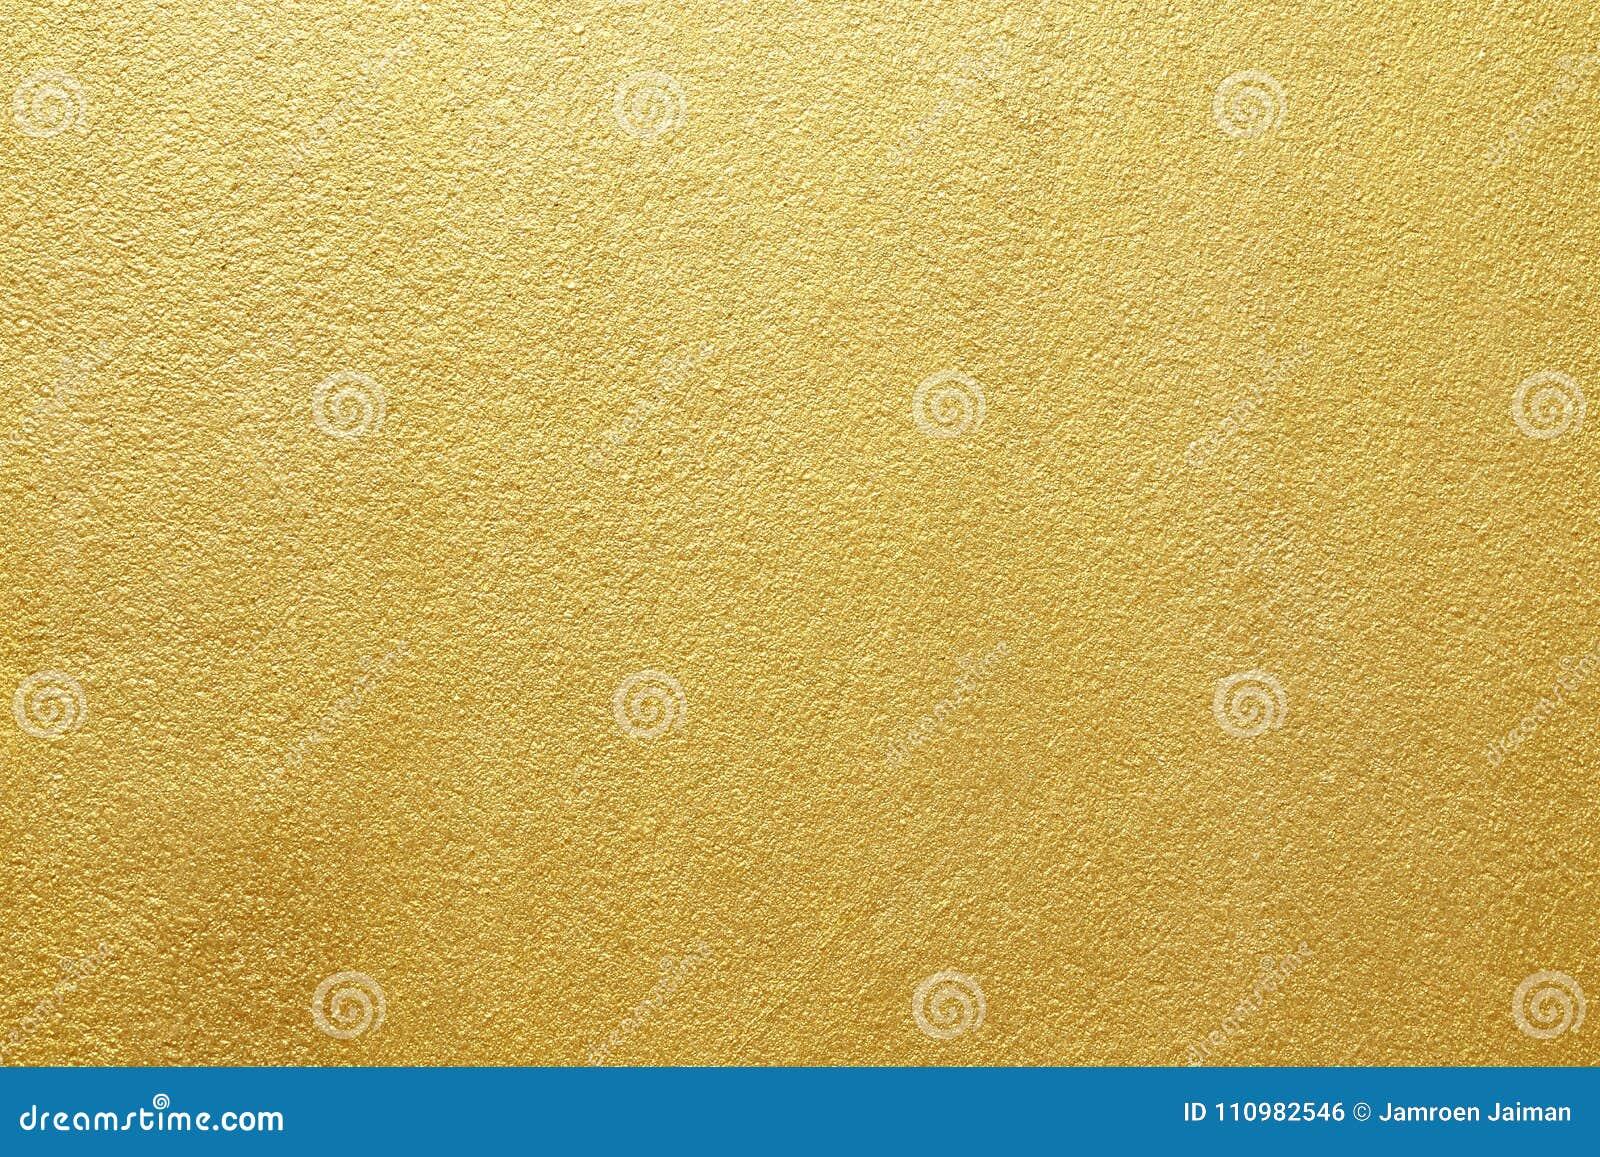 Λαμπρός κίτρινος χρυσός φύλλων του υποβάθρου σύστασης τοίχων